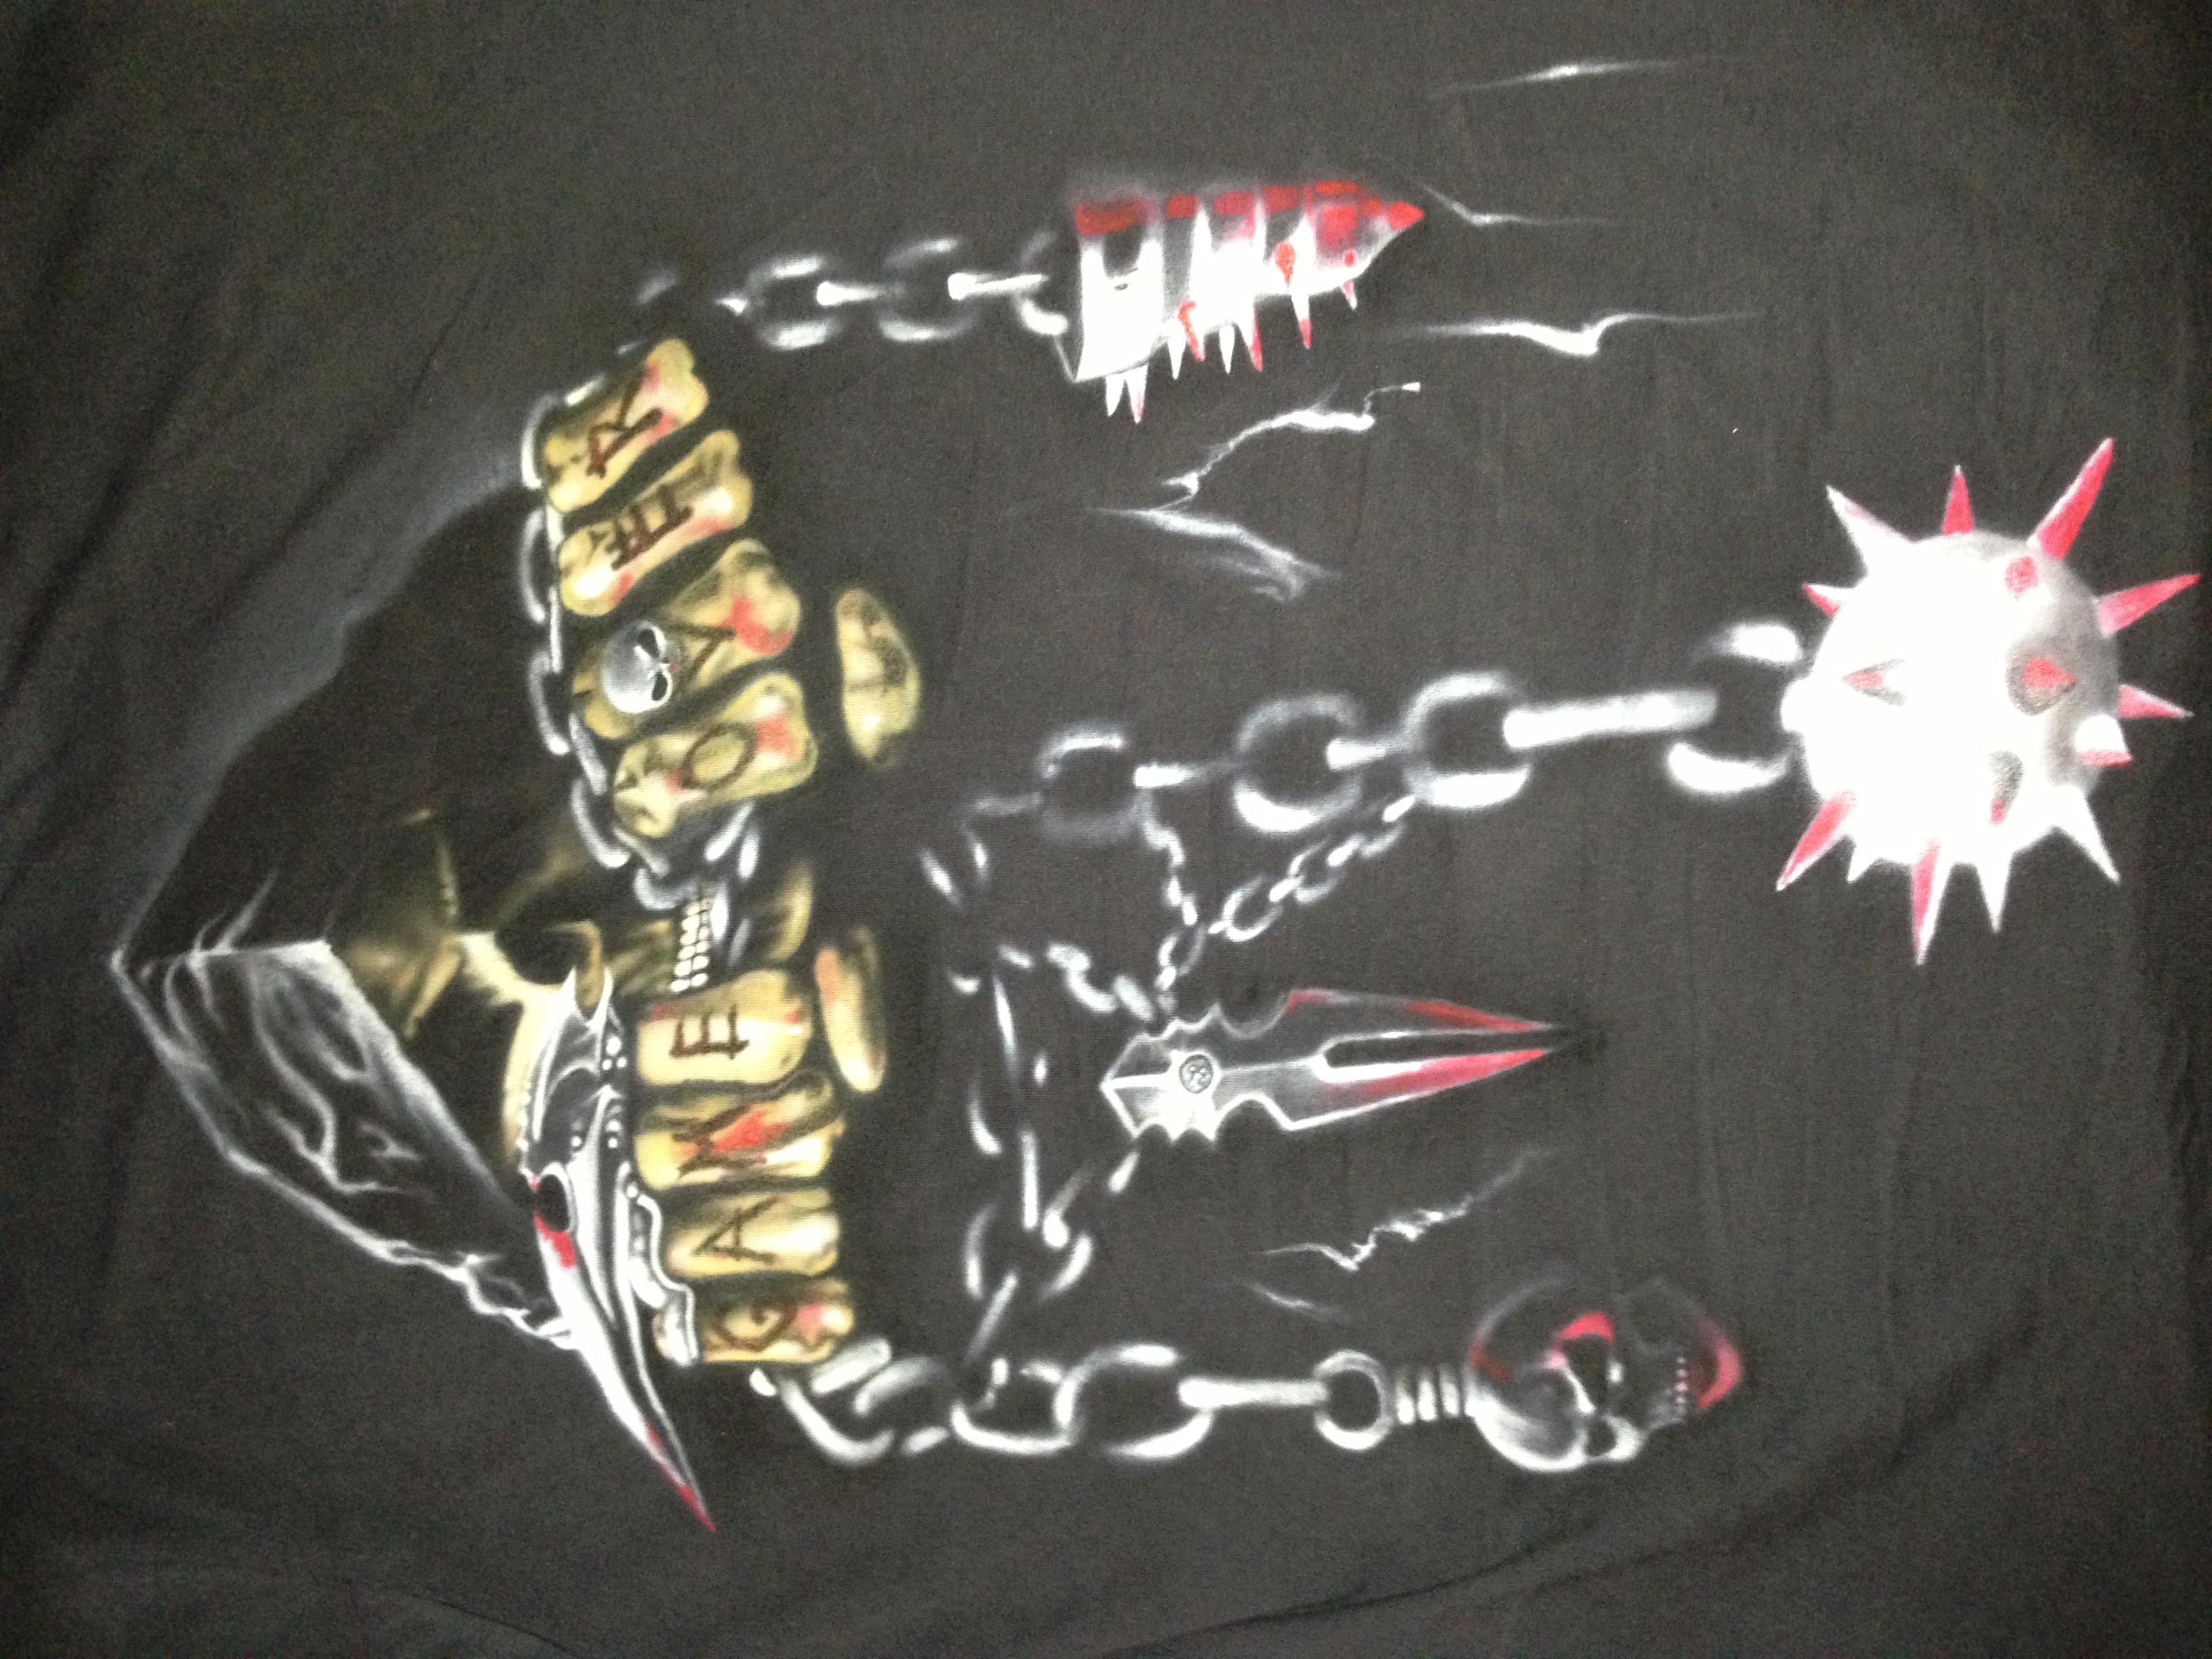 riper auf t-shirt